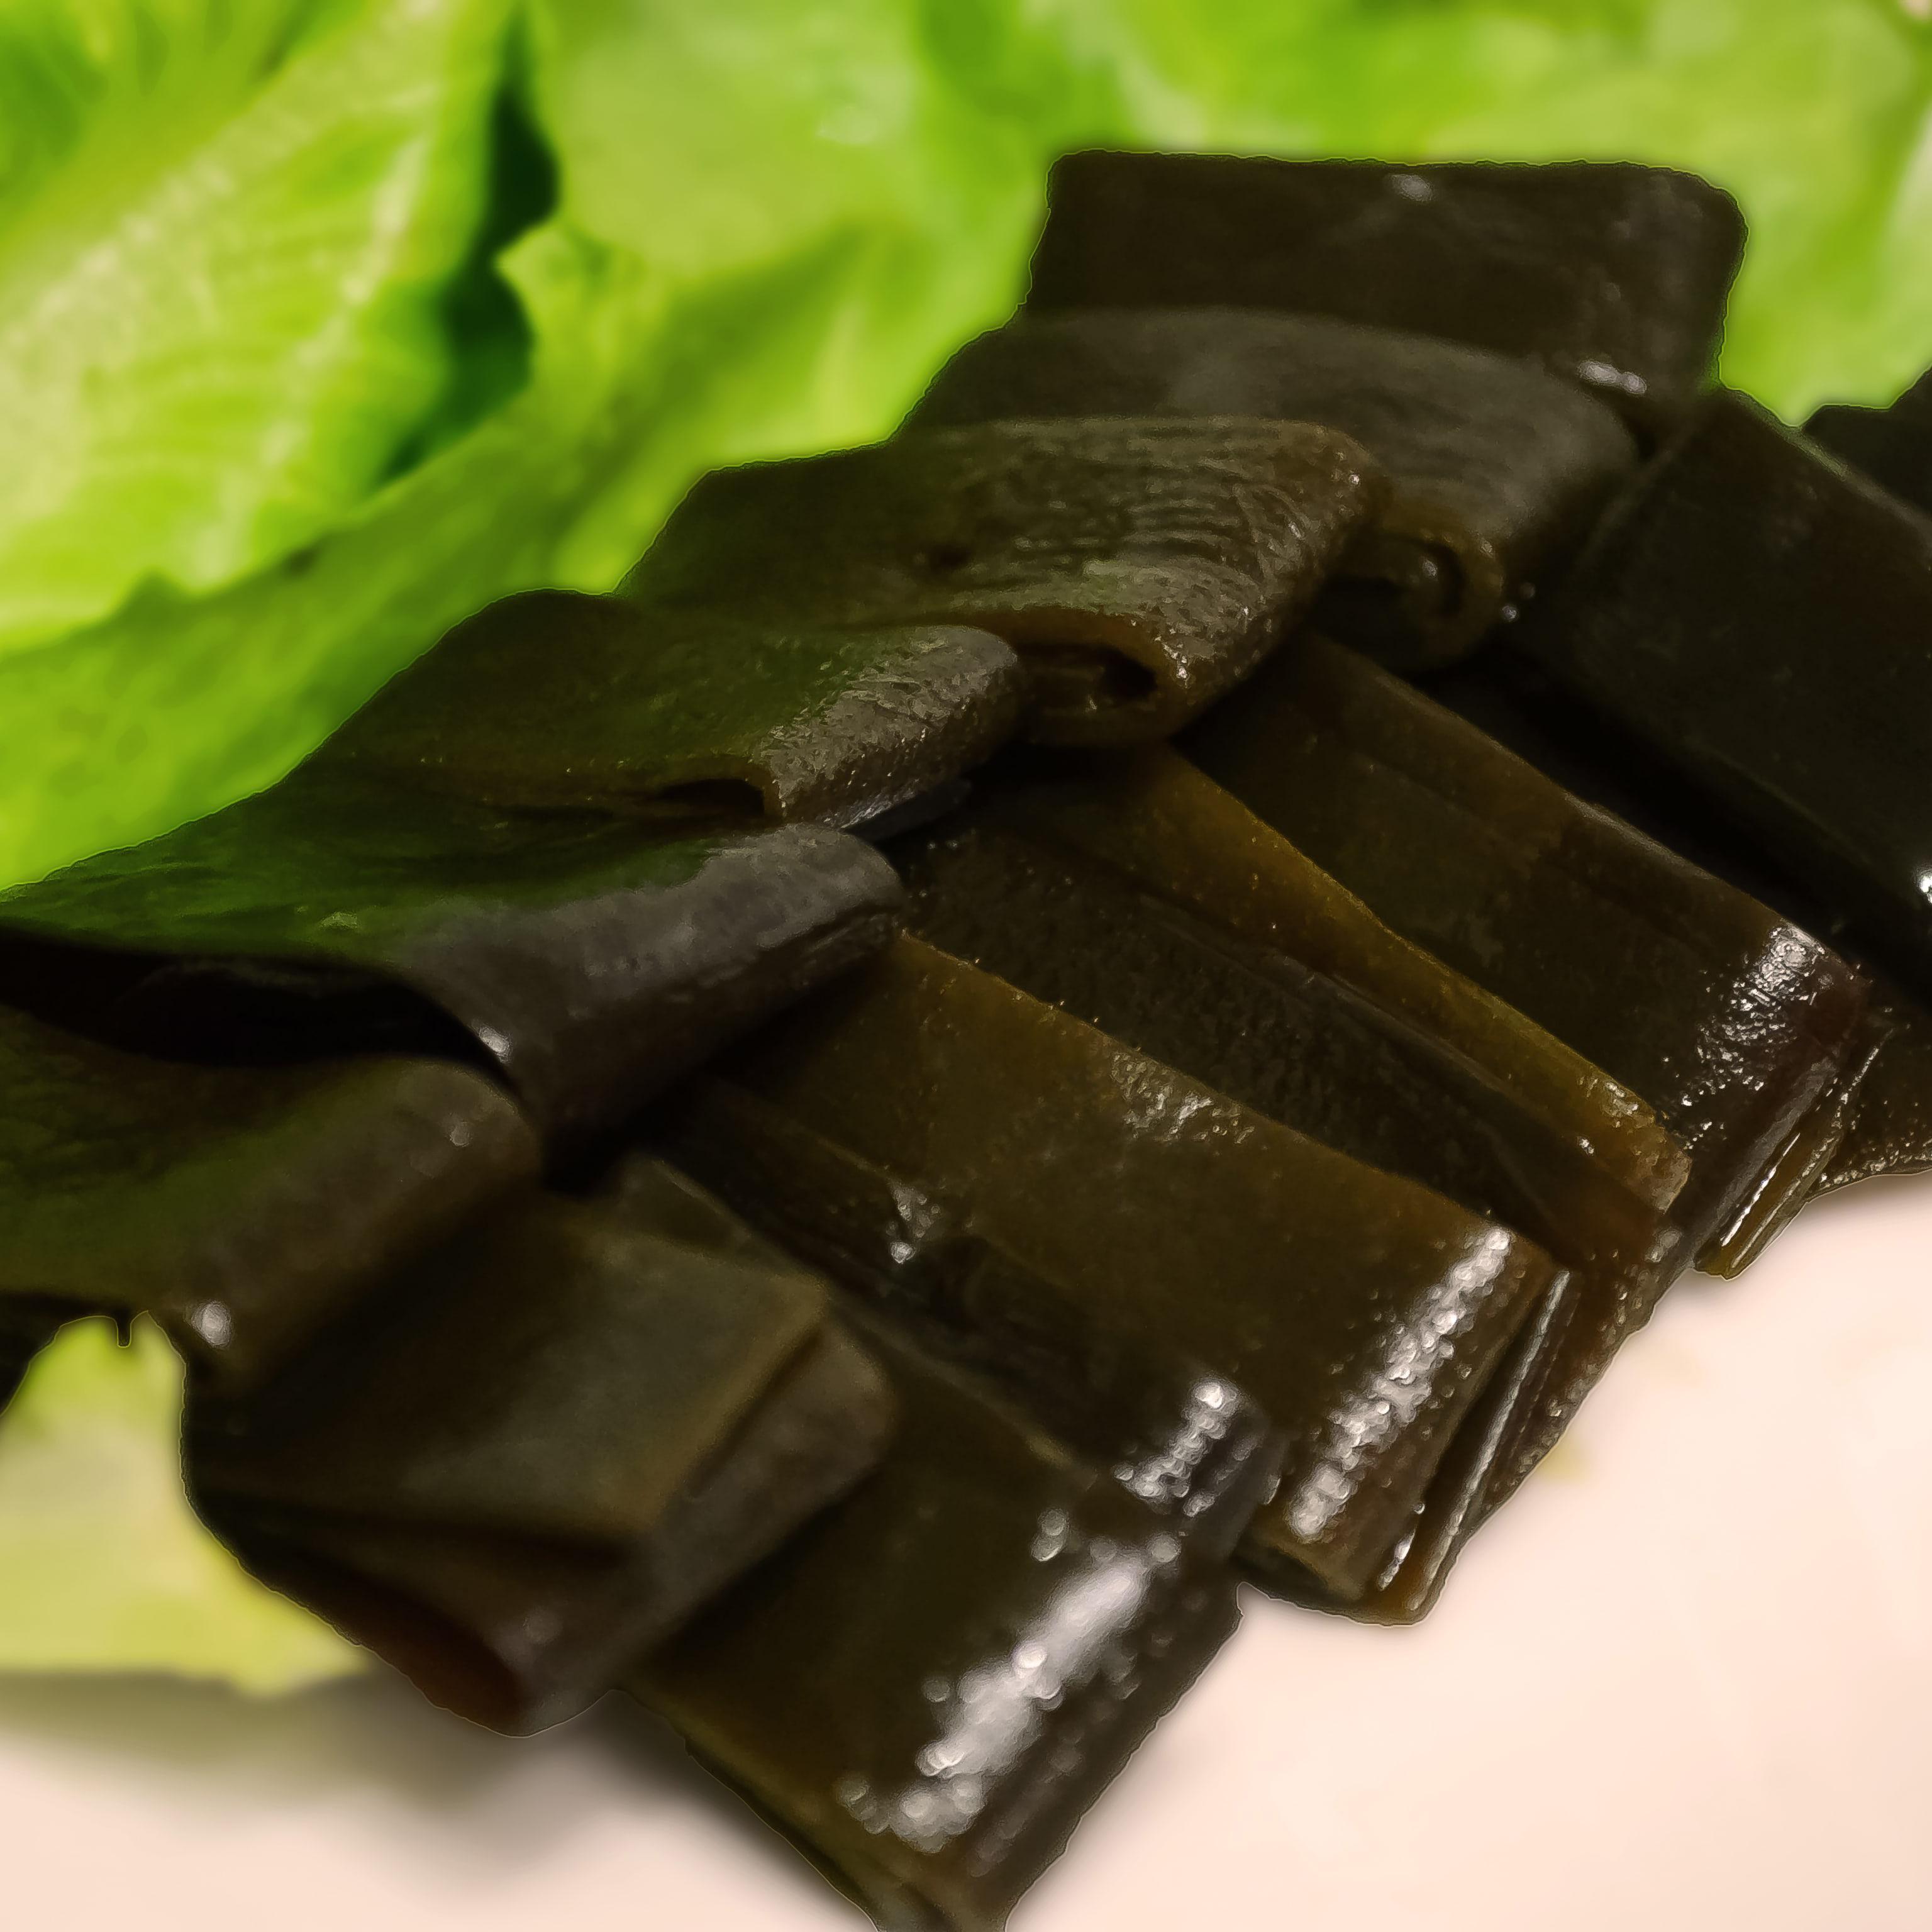 珍廚坊 醬滷海帶條|北海道極鮮海帶120g入|料理級滷味/新鮮現滷|北海道昆布|團購美食|真空包裝退冰即食/和風輕食開胃小品